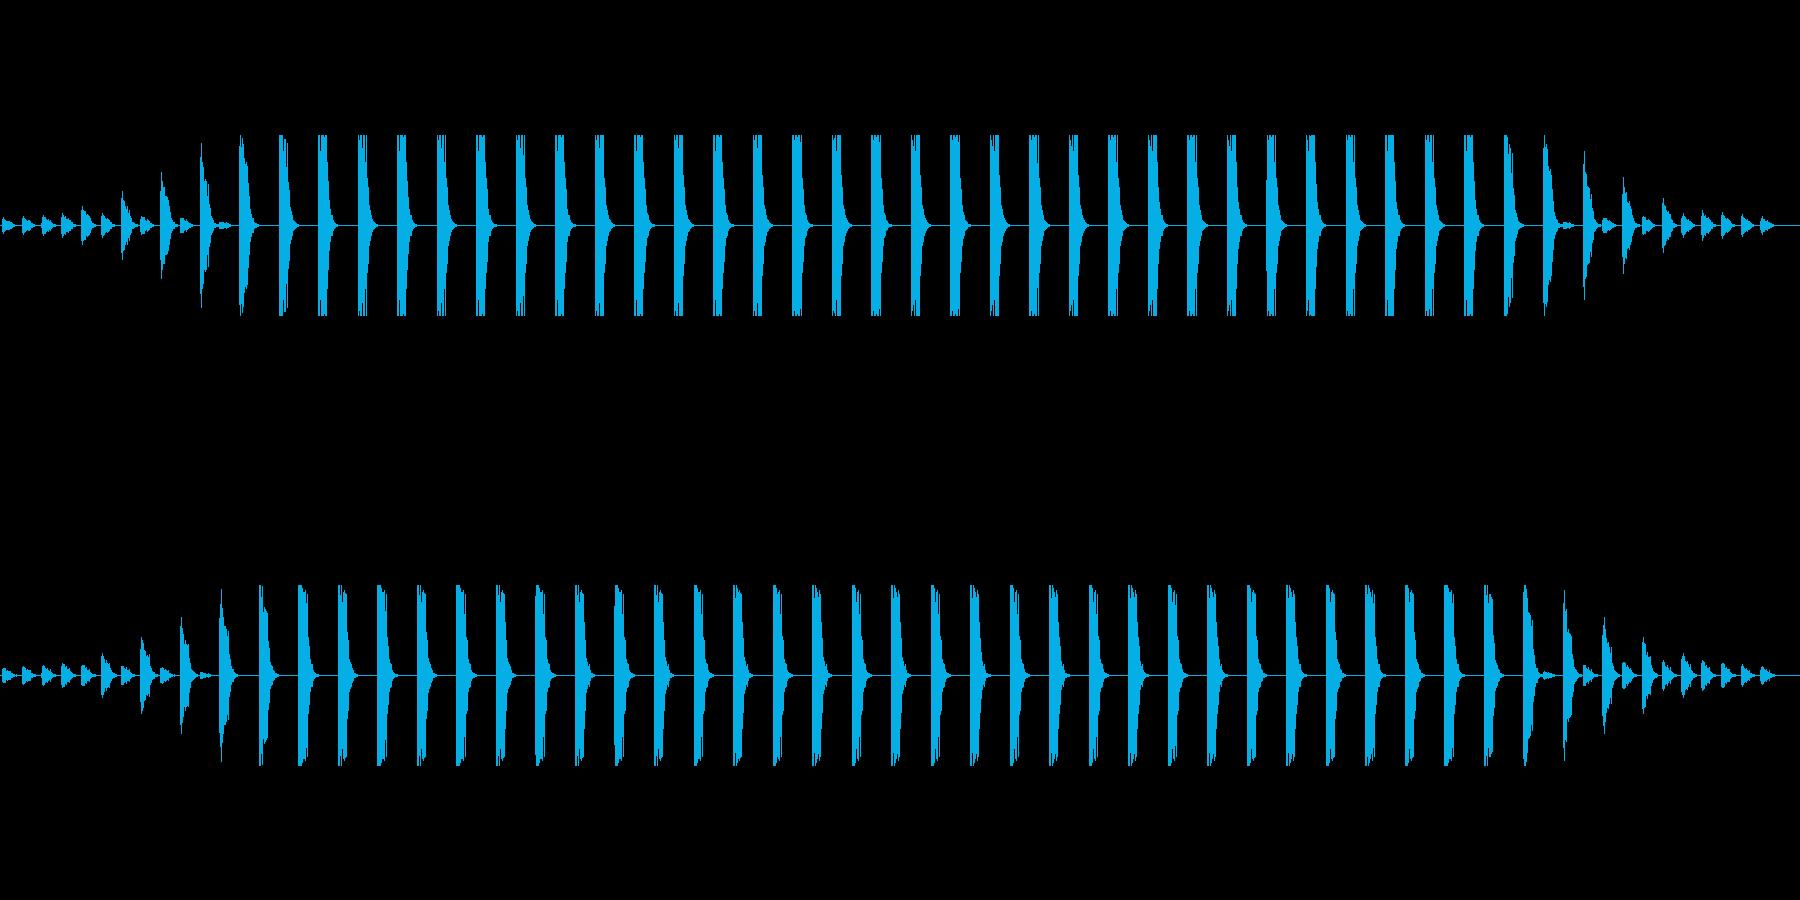 近づいて足踏みして遠ざかる巨人の足音の再生済みの波形